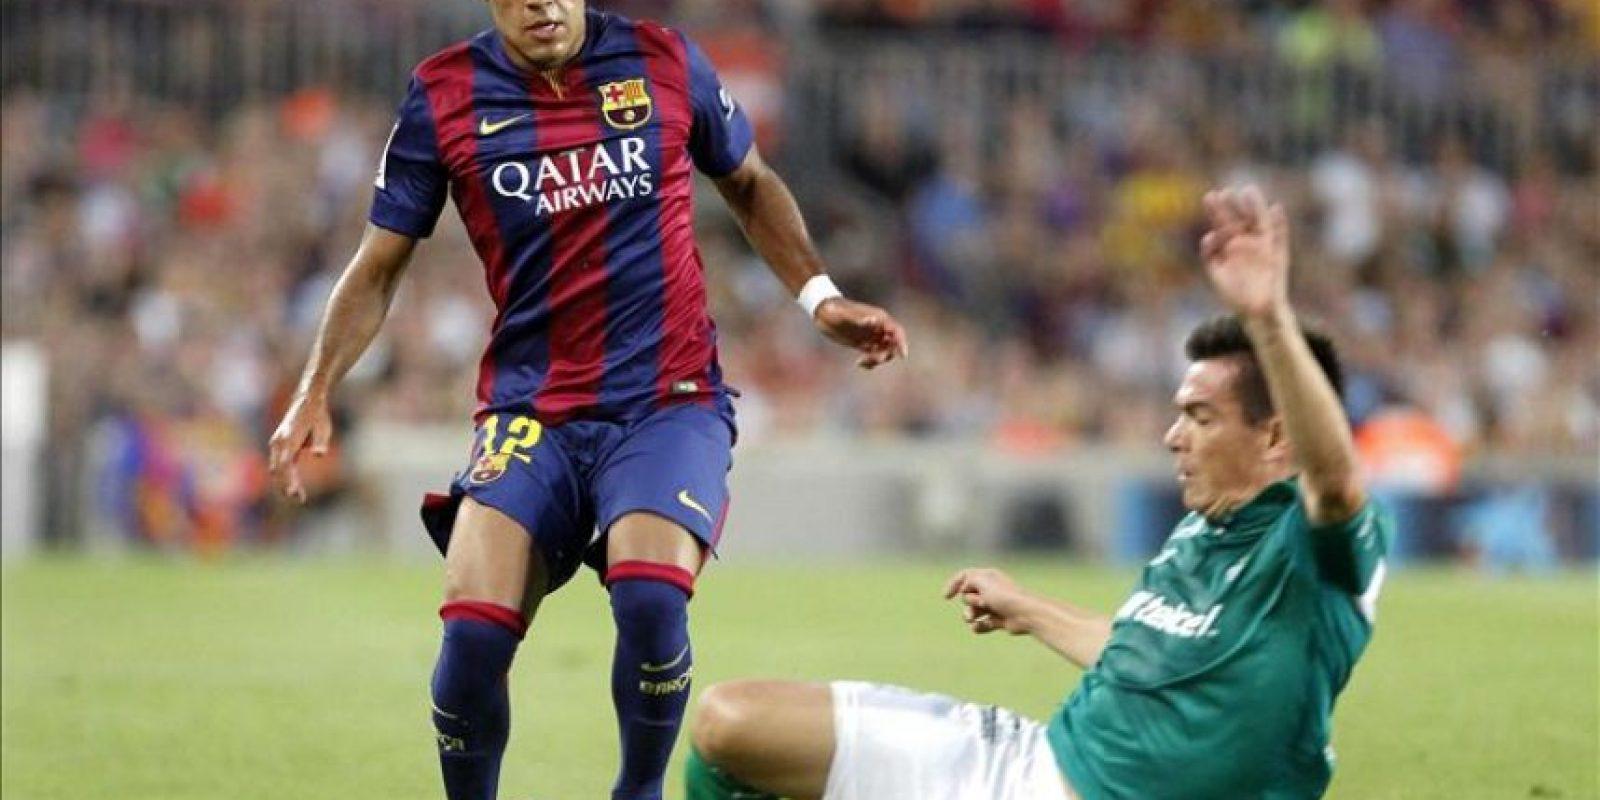 El centrocampista brasileño del FC Barcelona Rafinha Alcántara (i) disputa un balón con el defensa Ignacio González (d), del León de México, durante el partido del trofeo Joan Gamper que se disputó en el Camp Nou. EFE/Archivo